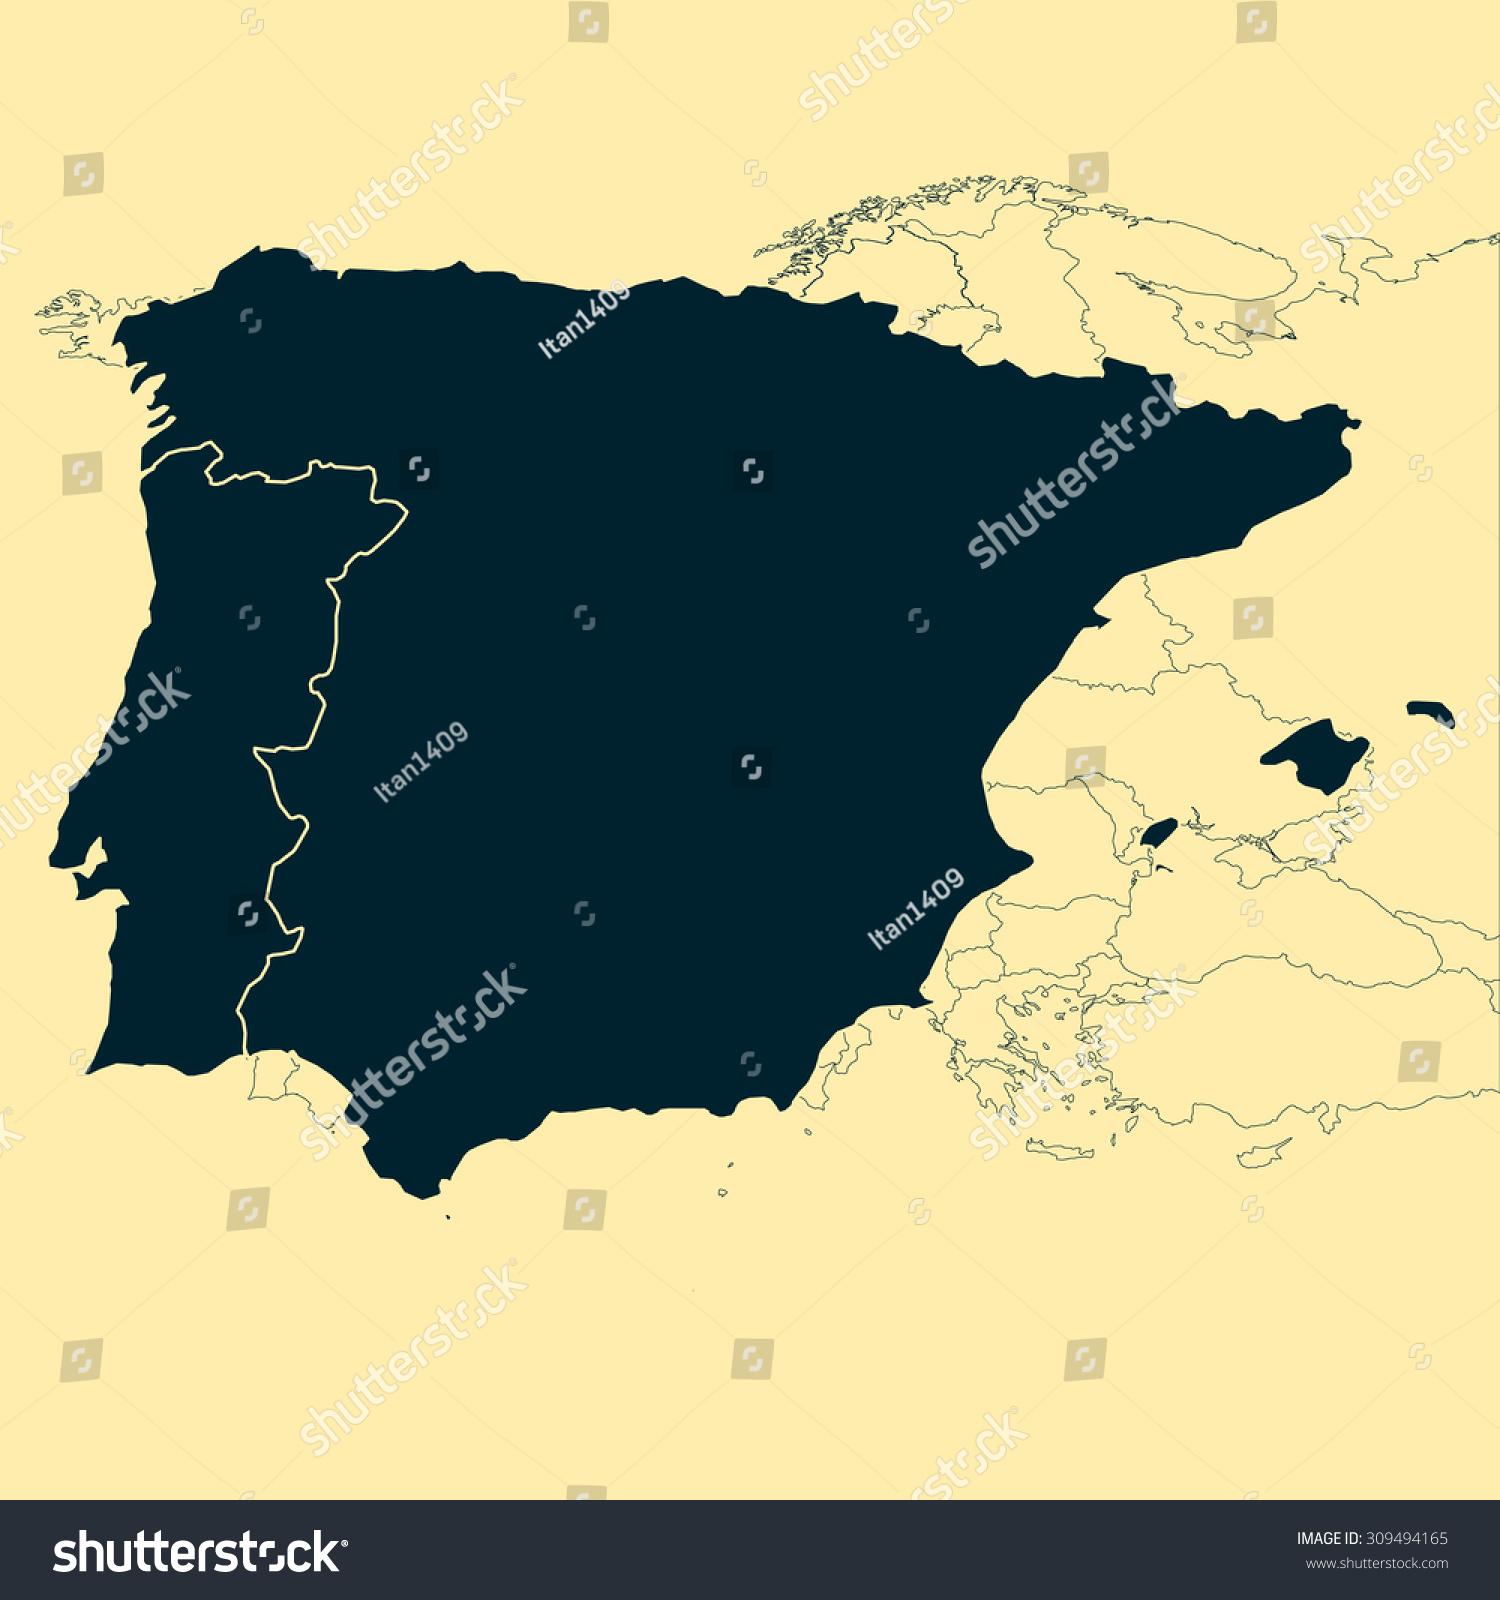 Iberian Peninsula Spain Portugal Map Stock Vector - Portugal map iberian peninsula